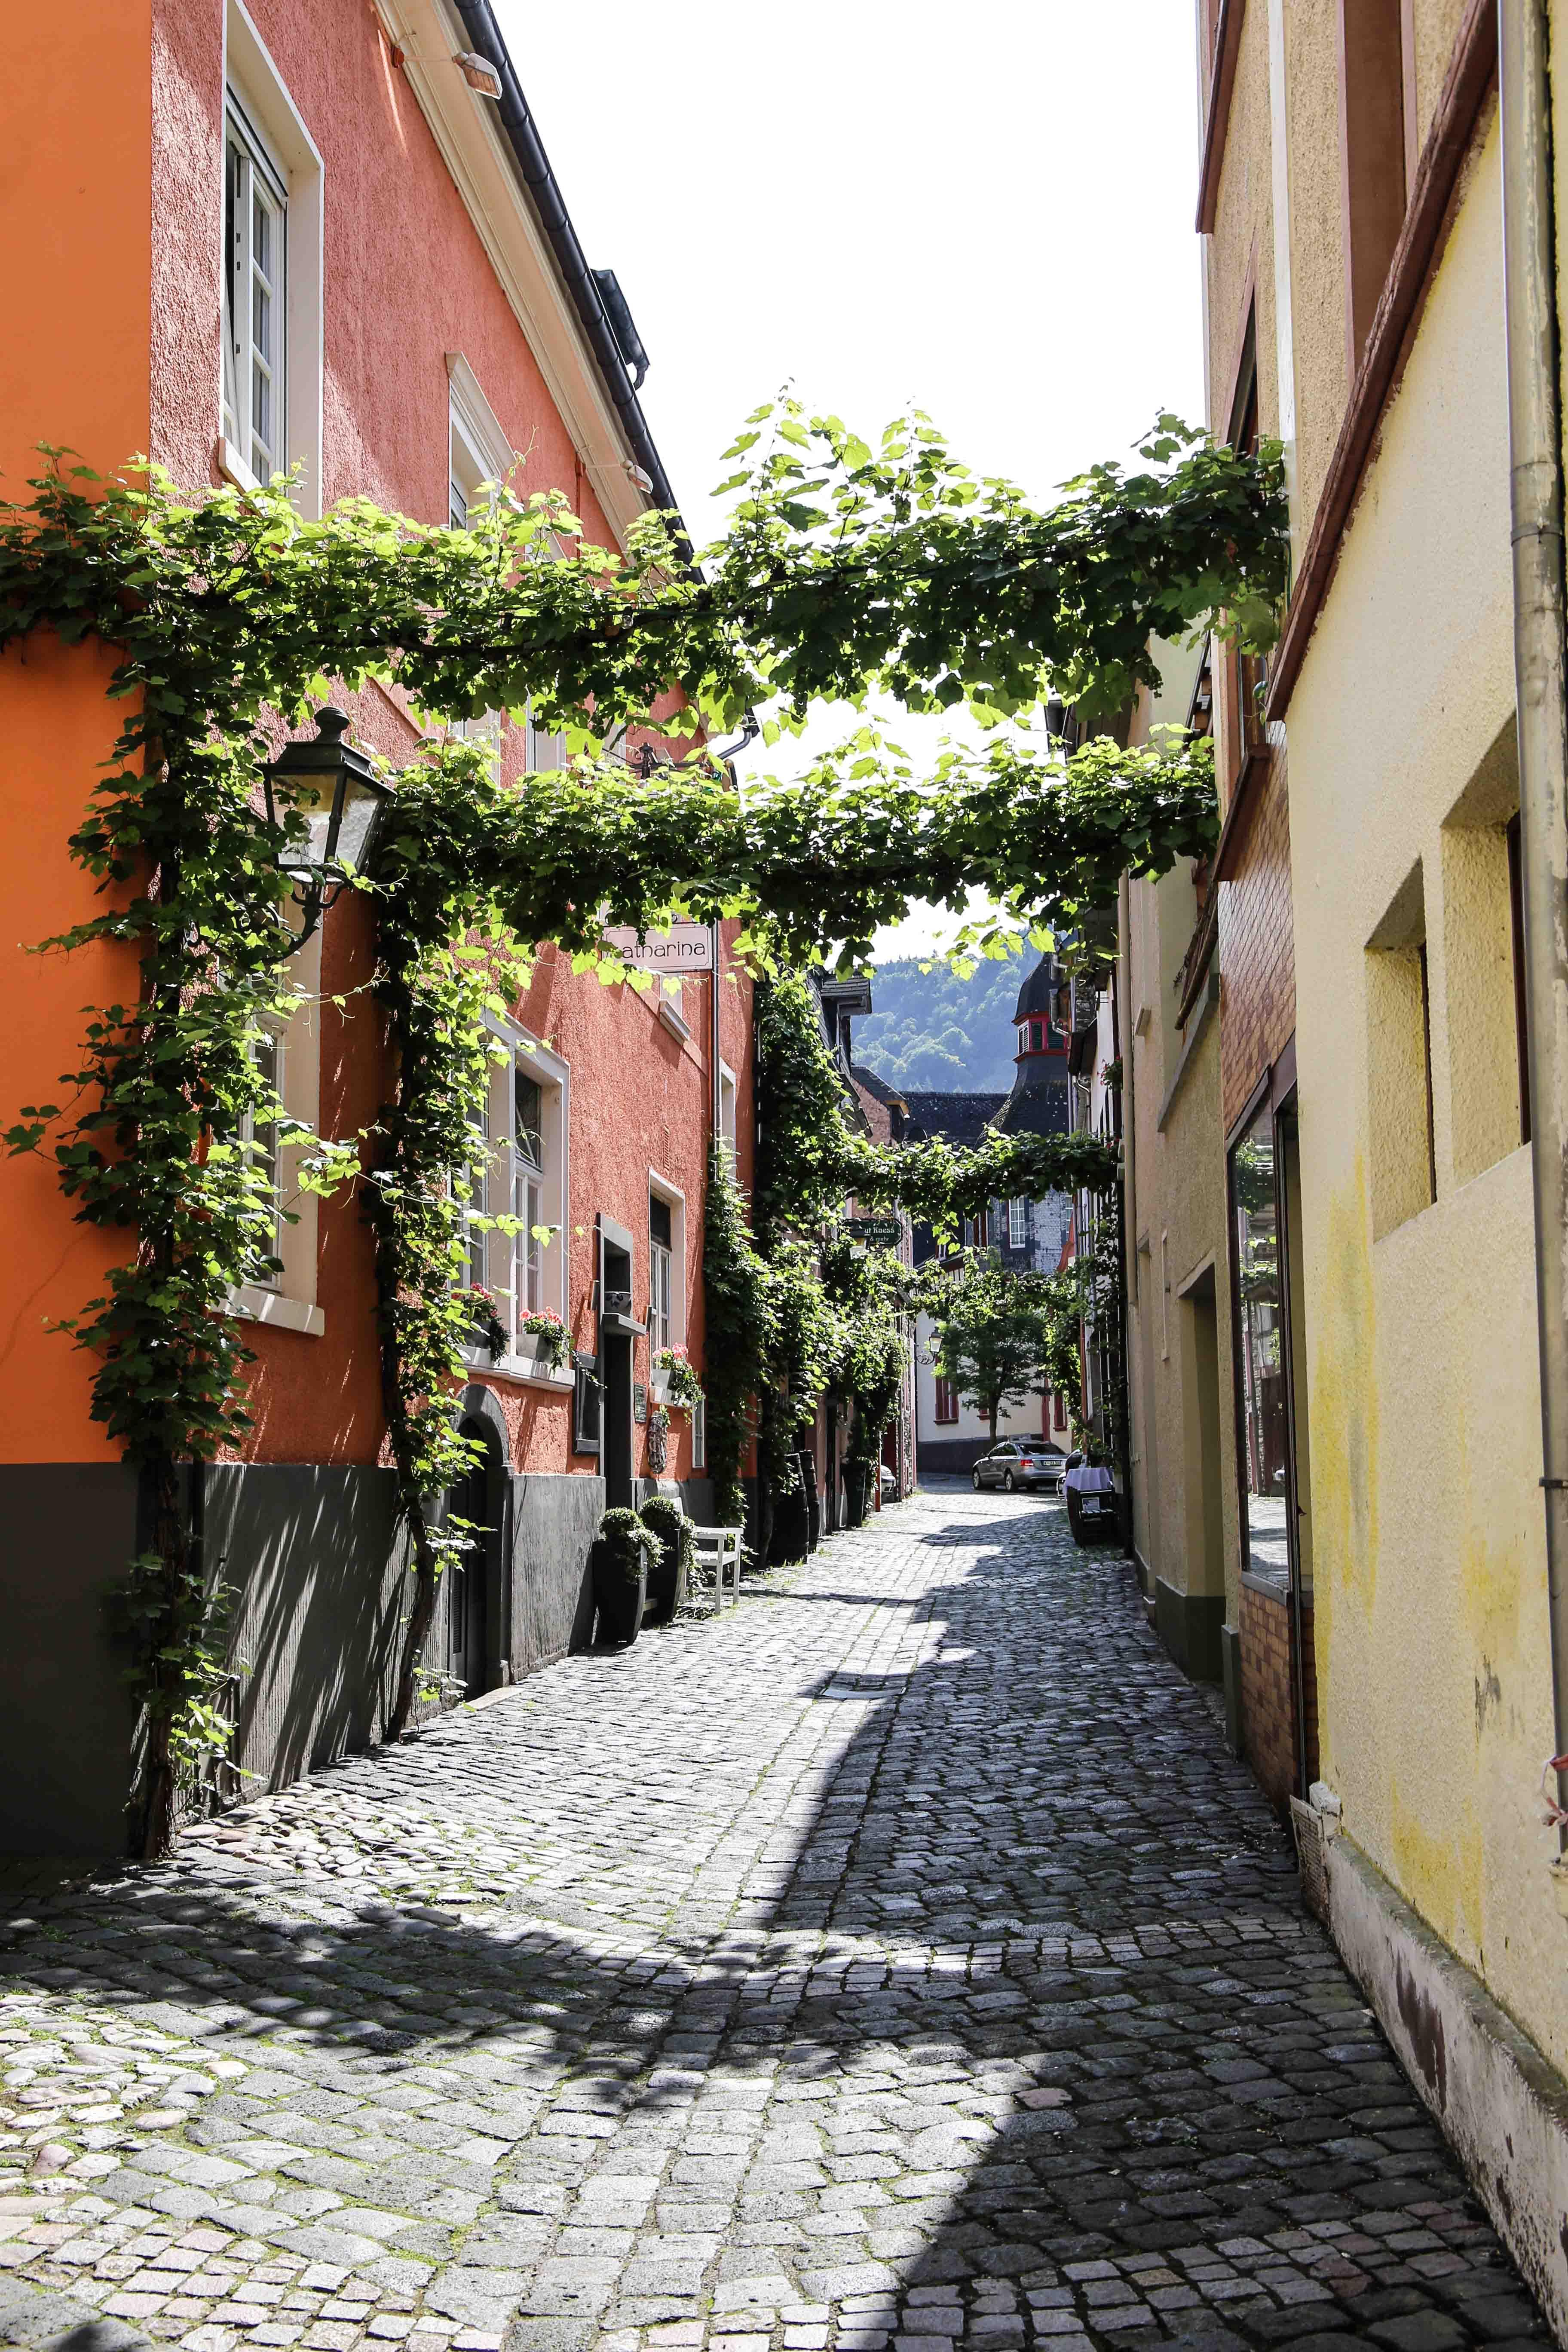 urlaub-mosel-regio-auszeit-romantik-jugendstilhotel-bellevue-traben-trarbach-deutschland-blogger_8828